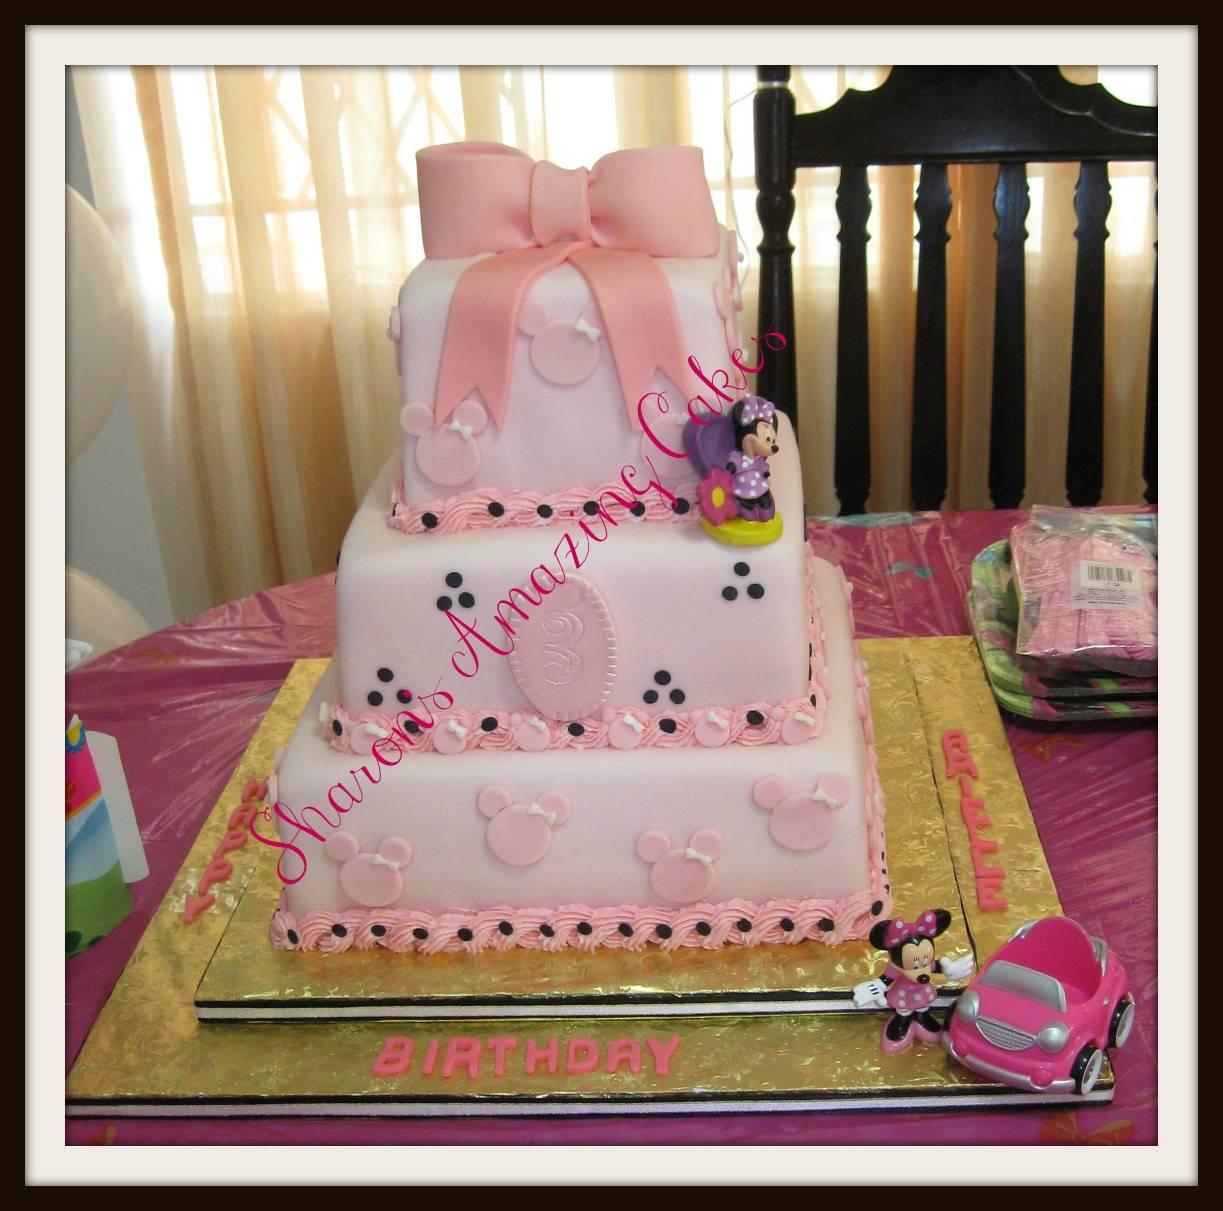 CAKE 42A1 - MINNIE MOUSE CAKE